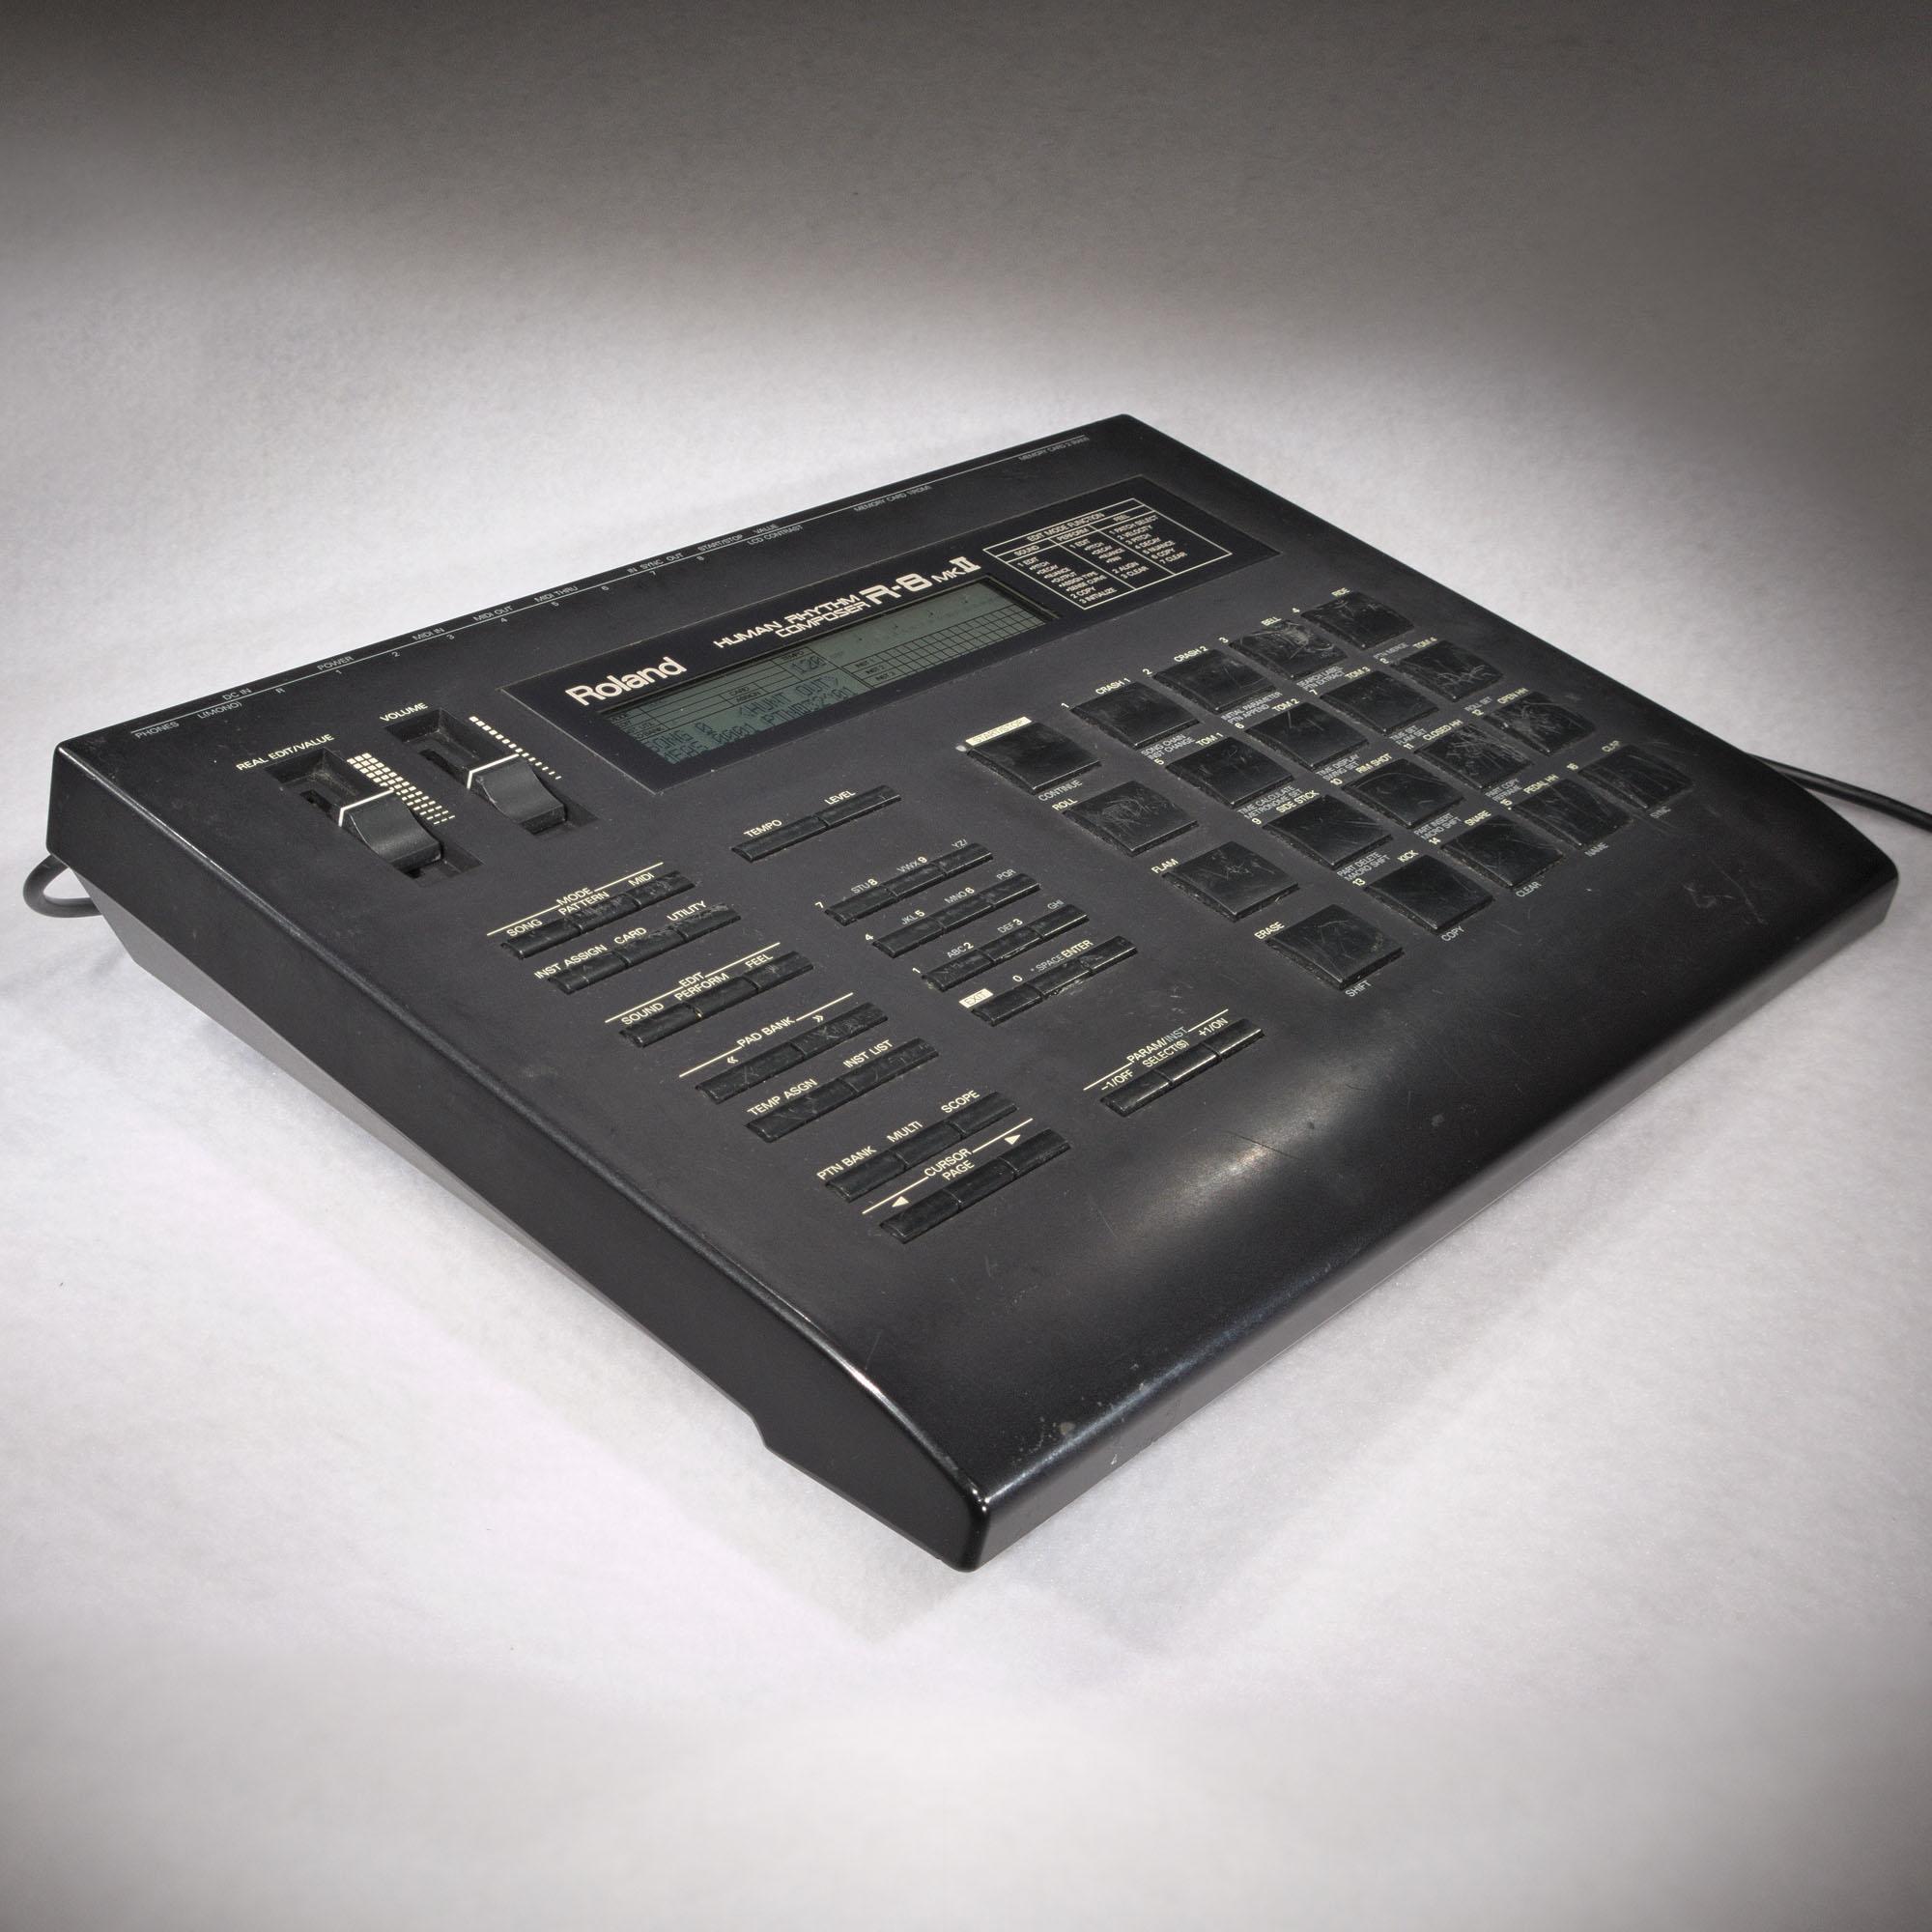 roland r8 mkii drum machine human rhythm composer